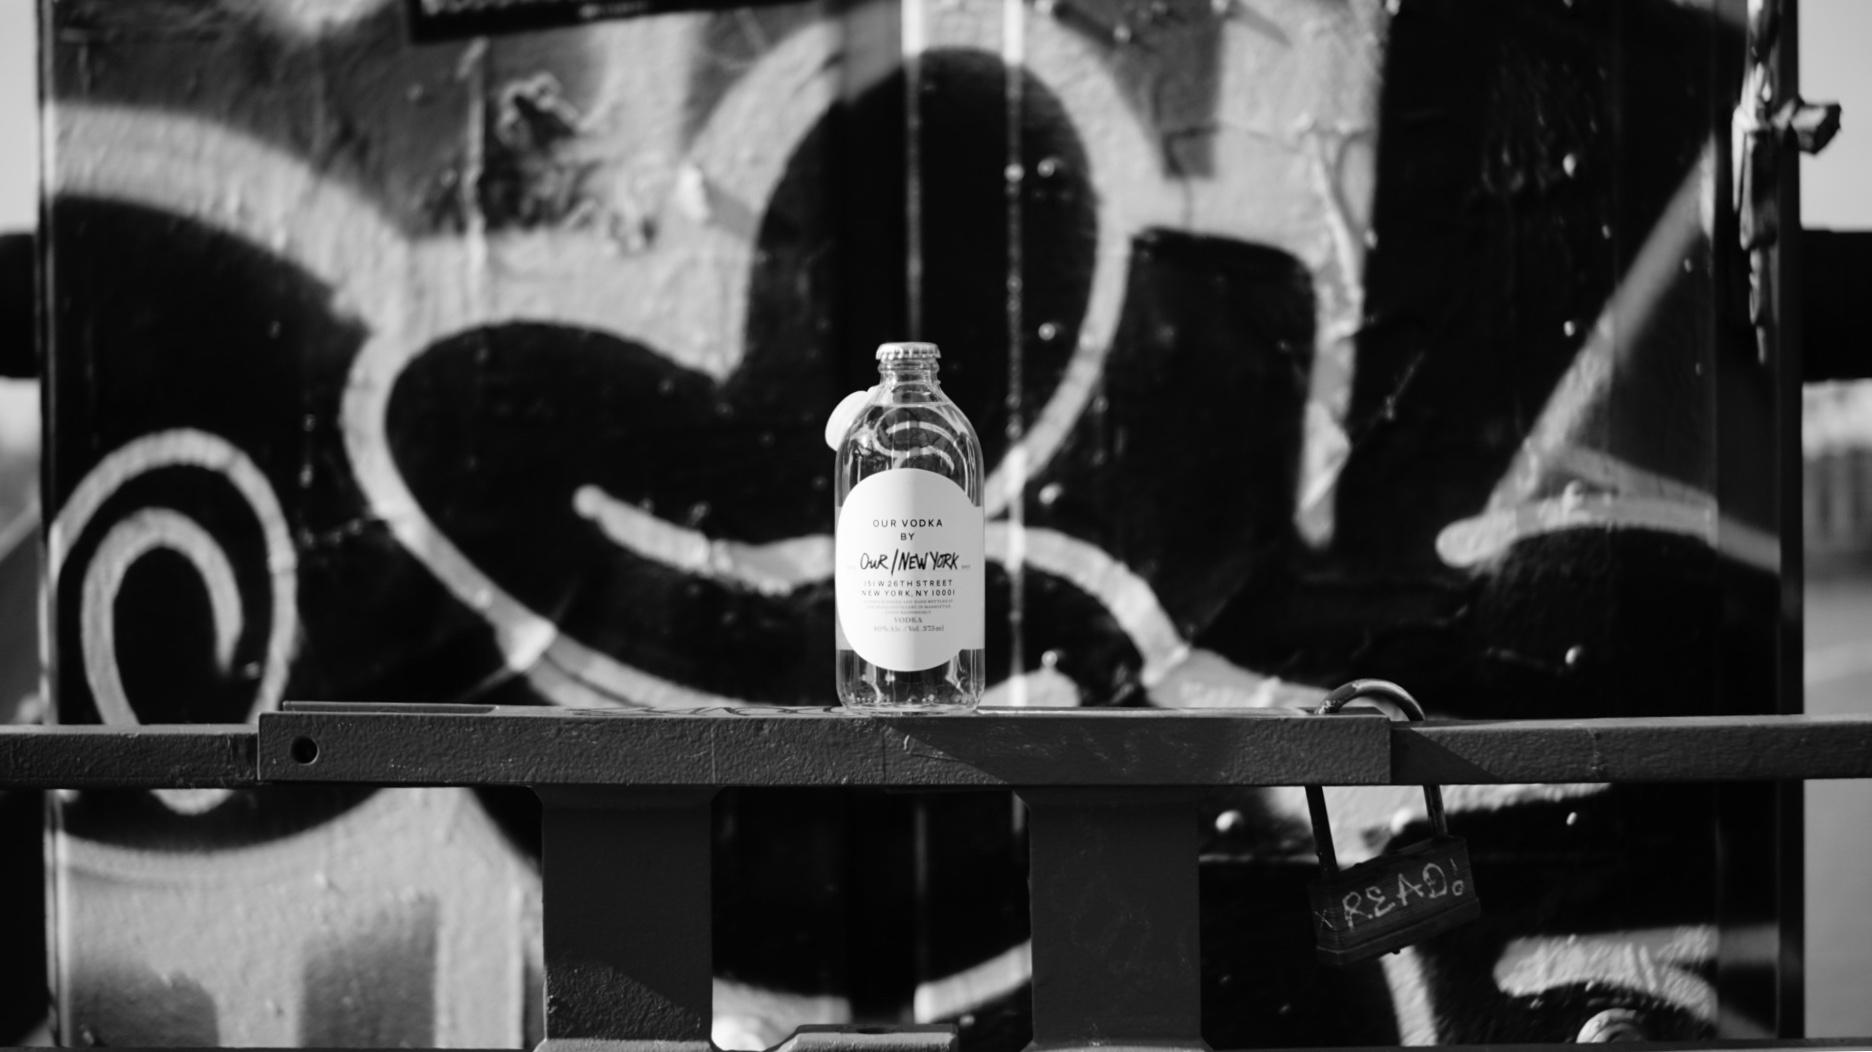 Bottle_GraffBW.JPG